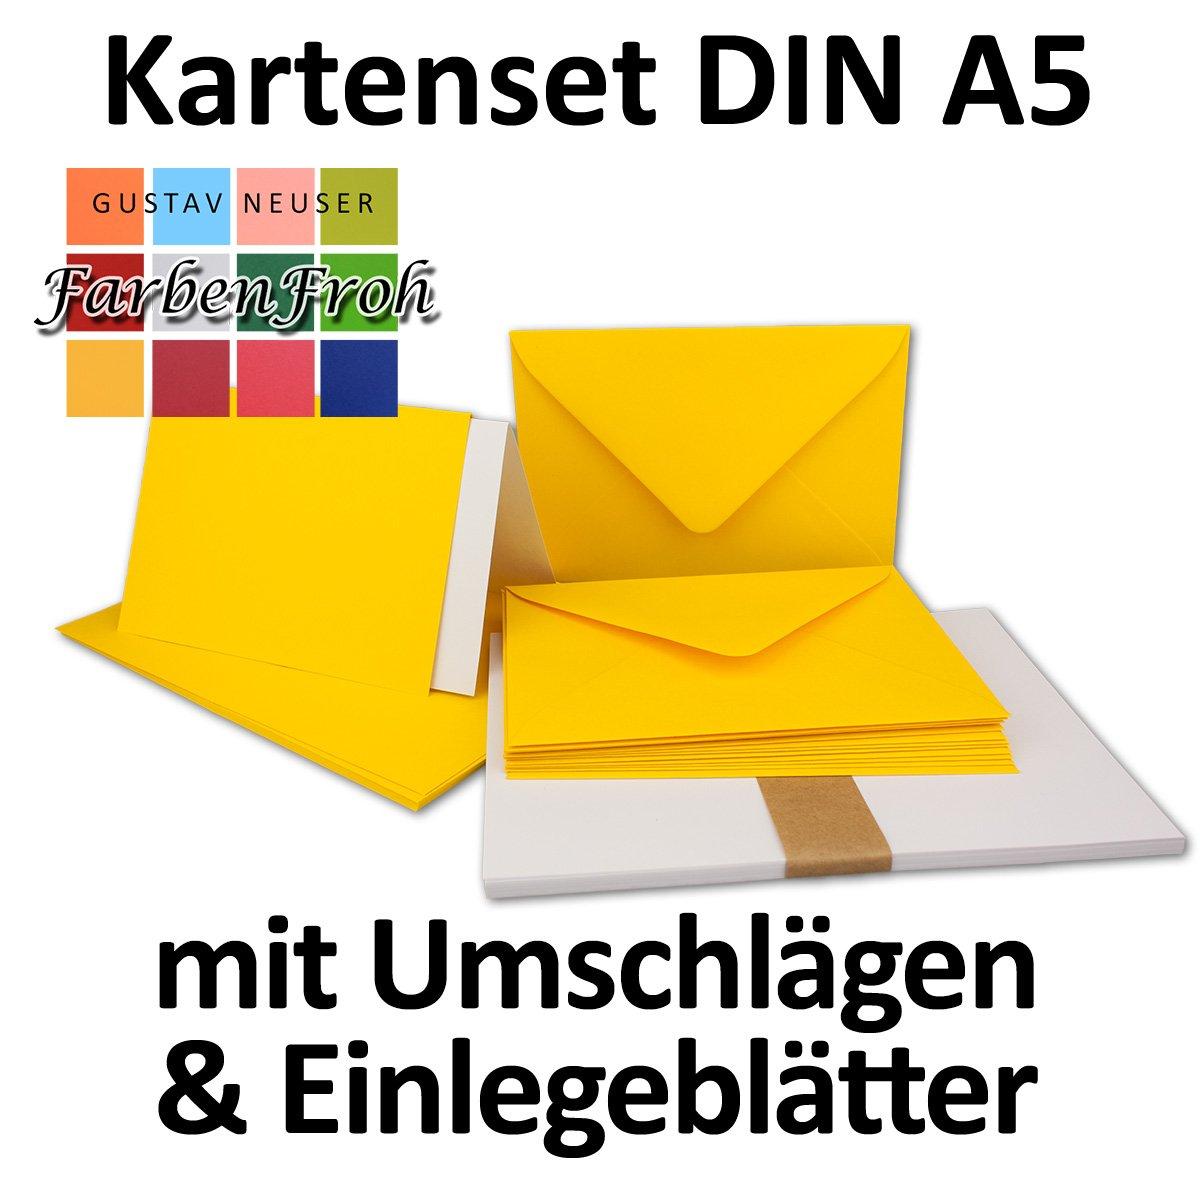 150 Sets - - - Faltkarten Hellgrau - DIN A5  Umschläge  Einlegeblätter DIN C5 - PREMIUM QUALITÄT - sehr formstabil - Qualitätsmarke  NEUSER FarbenFroh B07C32SKVF Kartenkartons Adoptieren a7f7a0